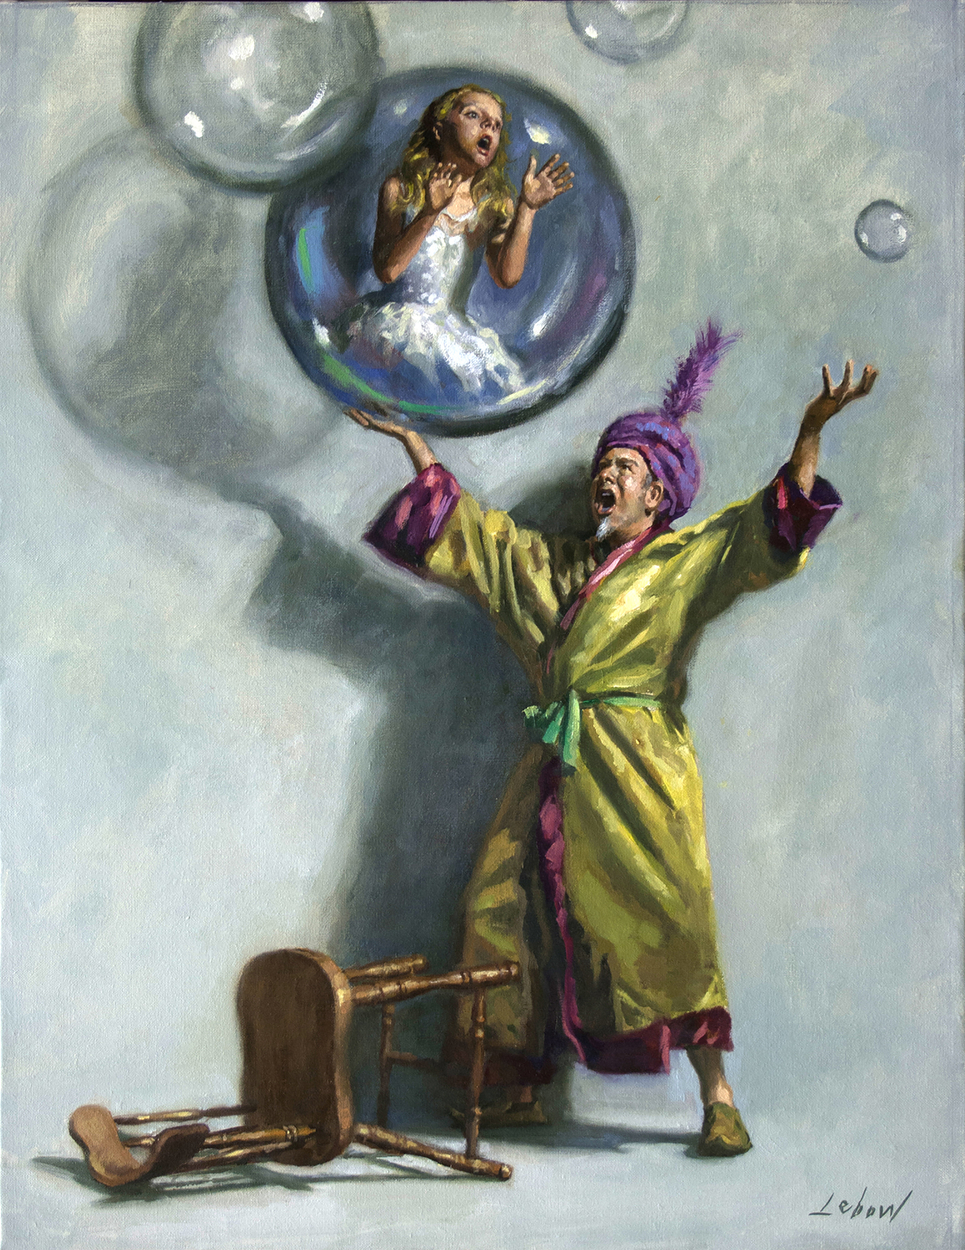 Evil Genie Artwork by Dave Lebow